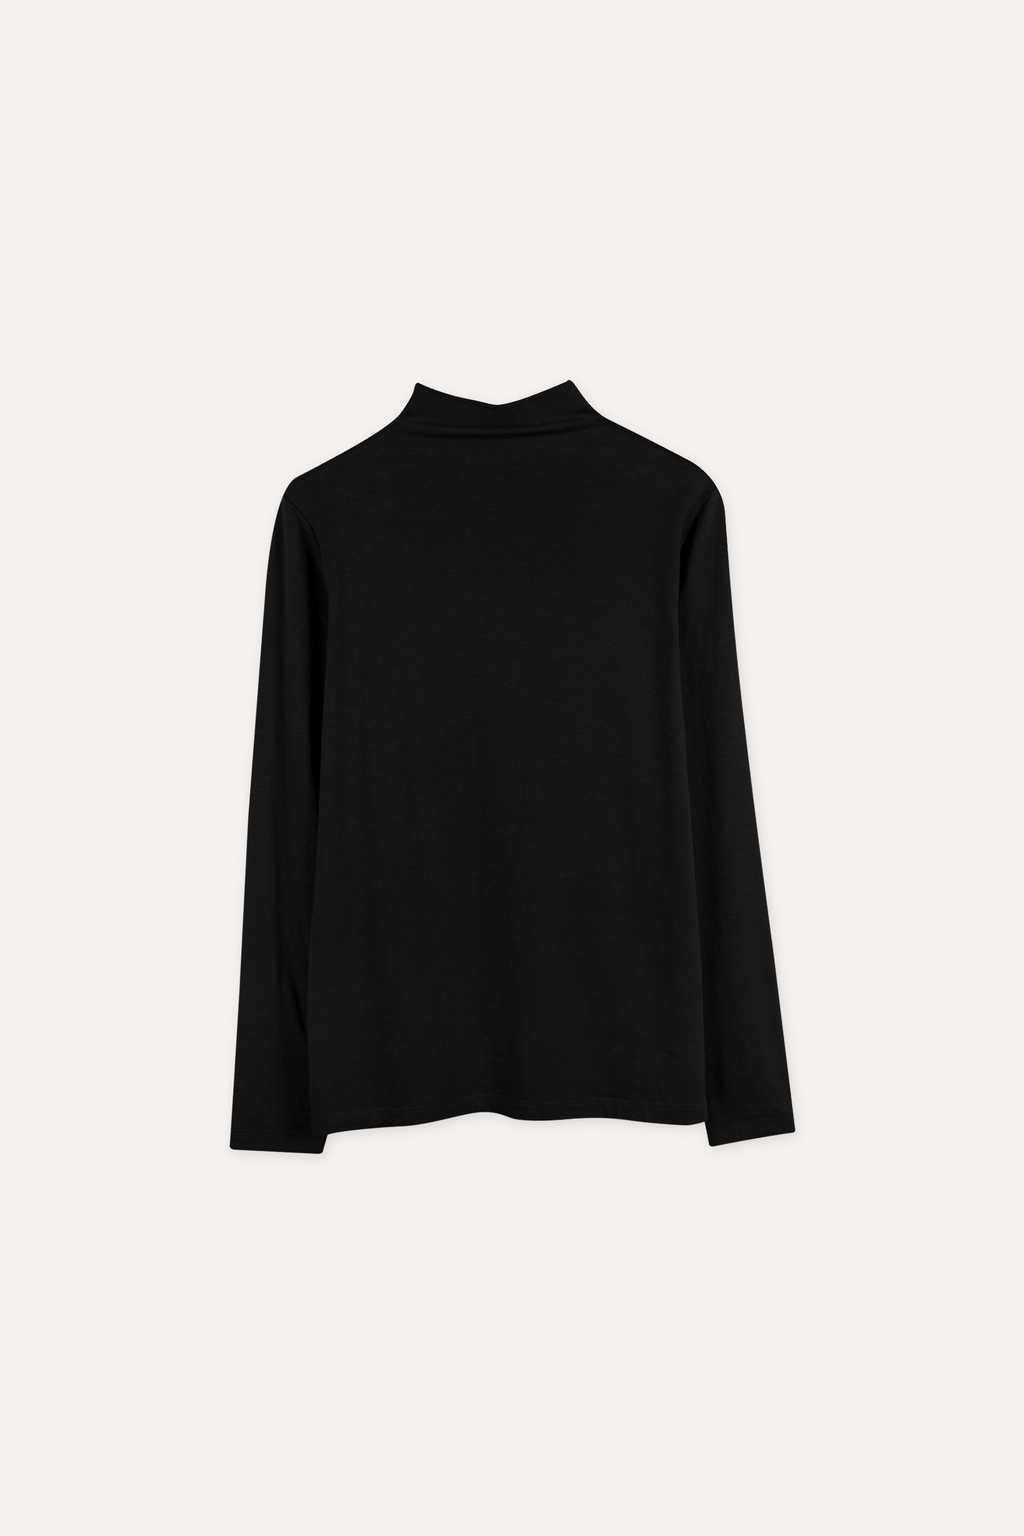 TShirt 1541 Black 13